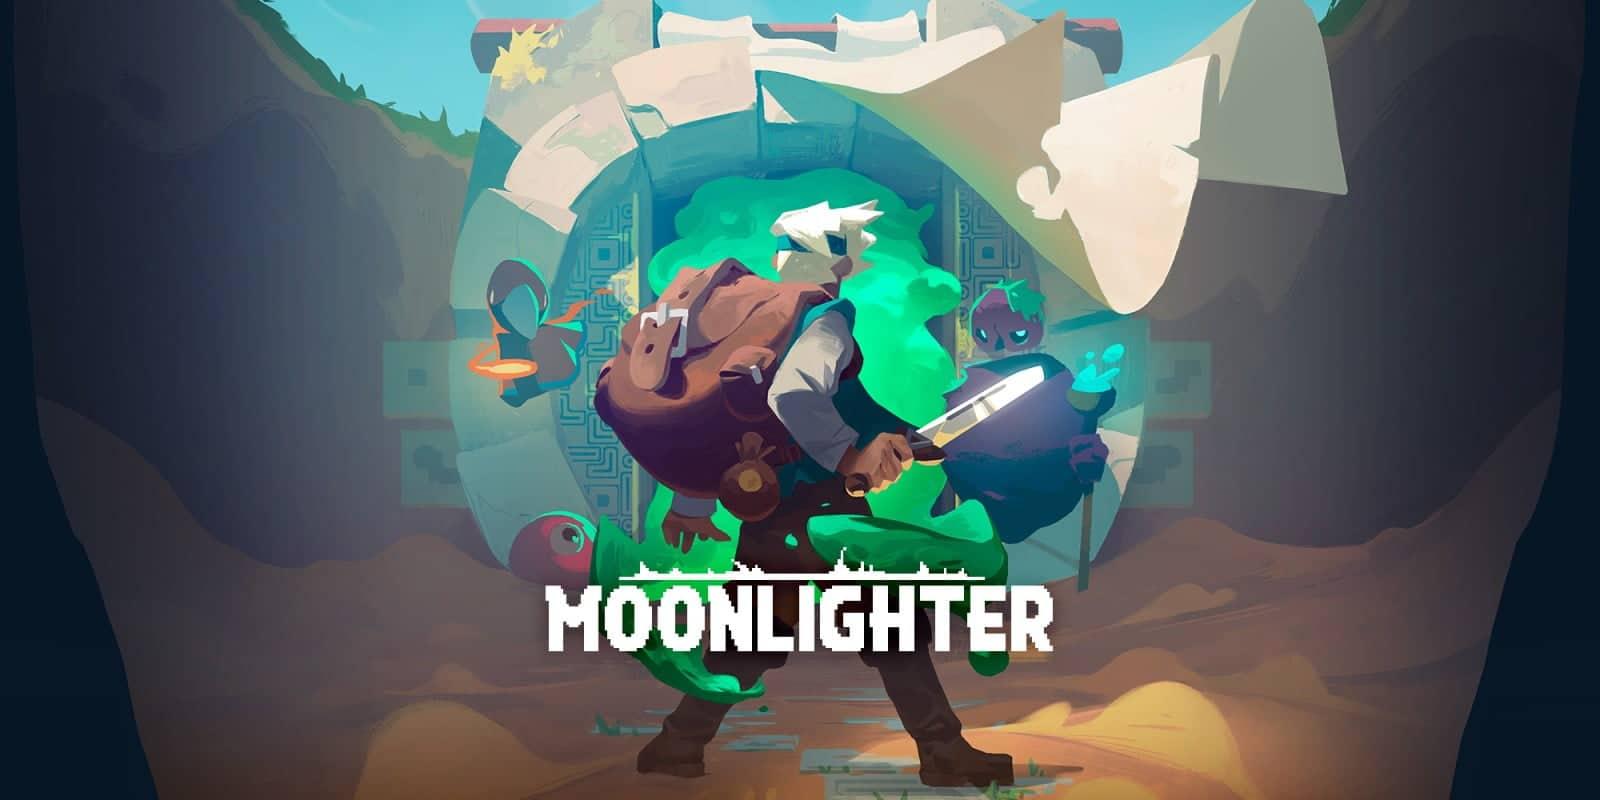 Precios de Moonlighter - Guia Completa